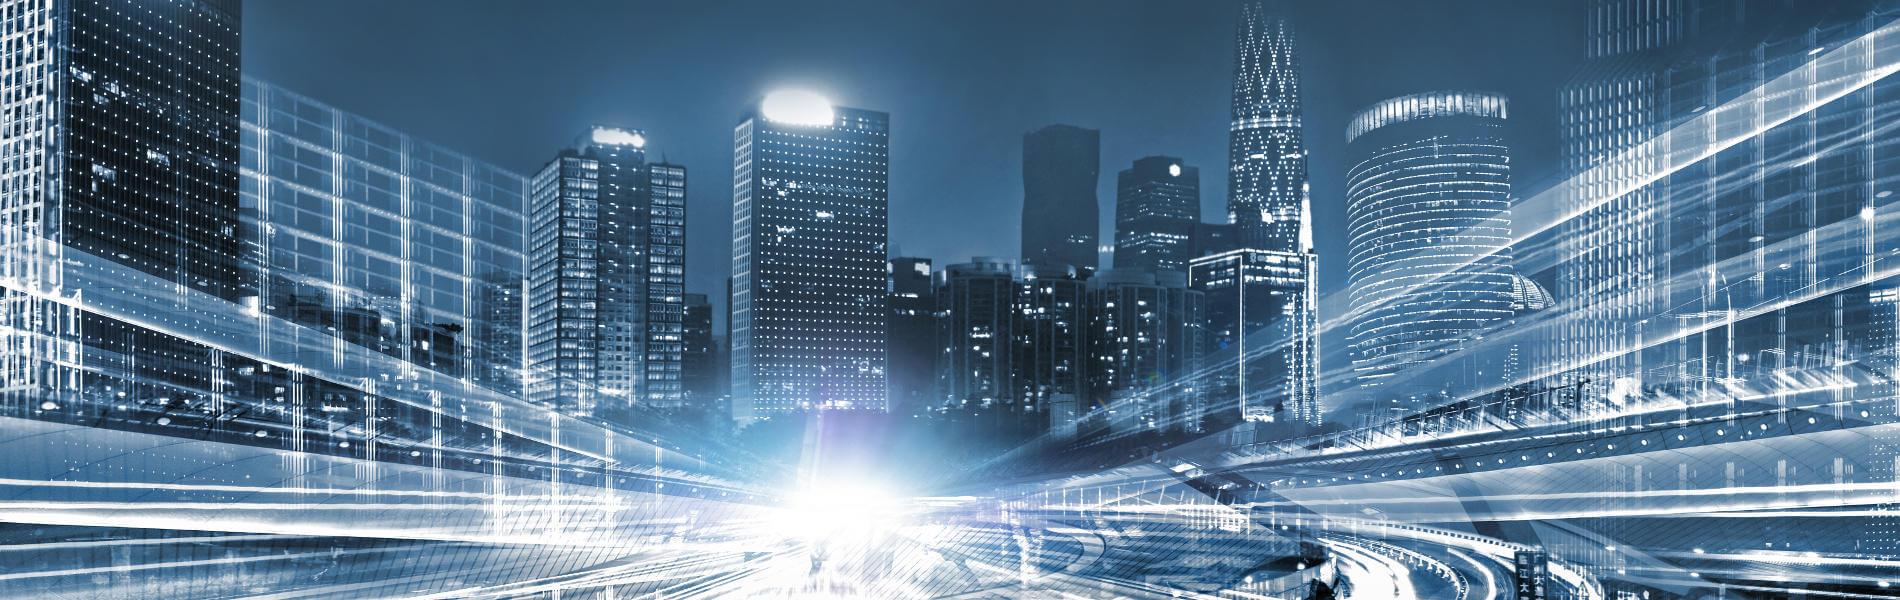 9 future scenarios for urban space